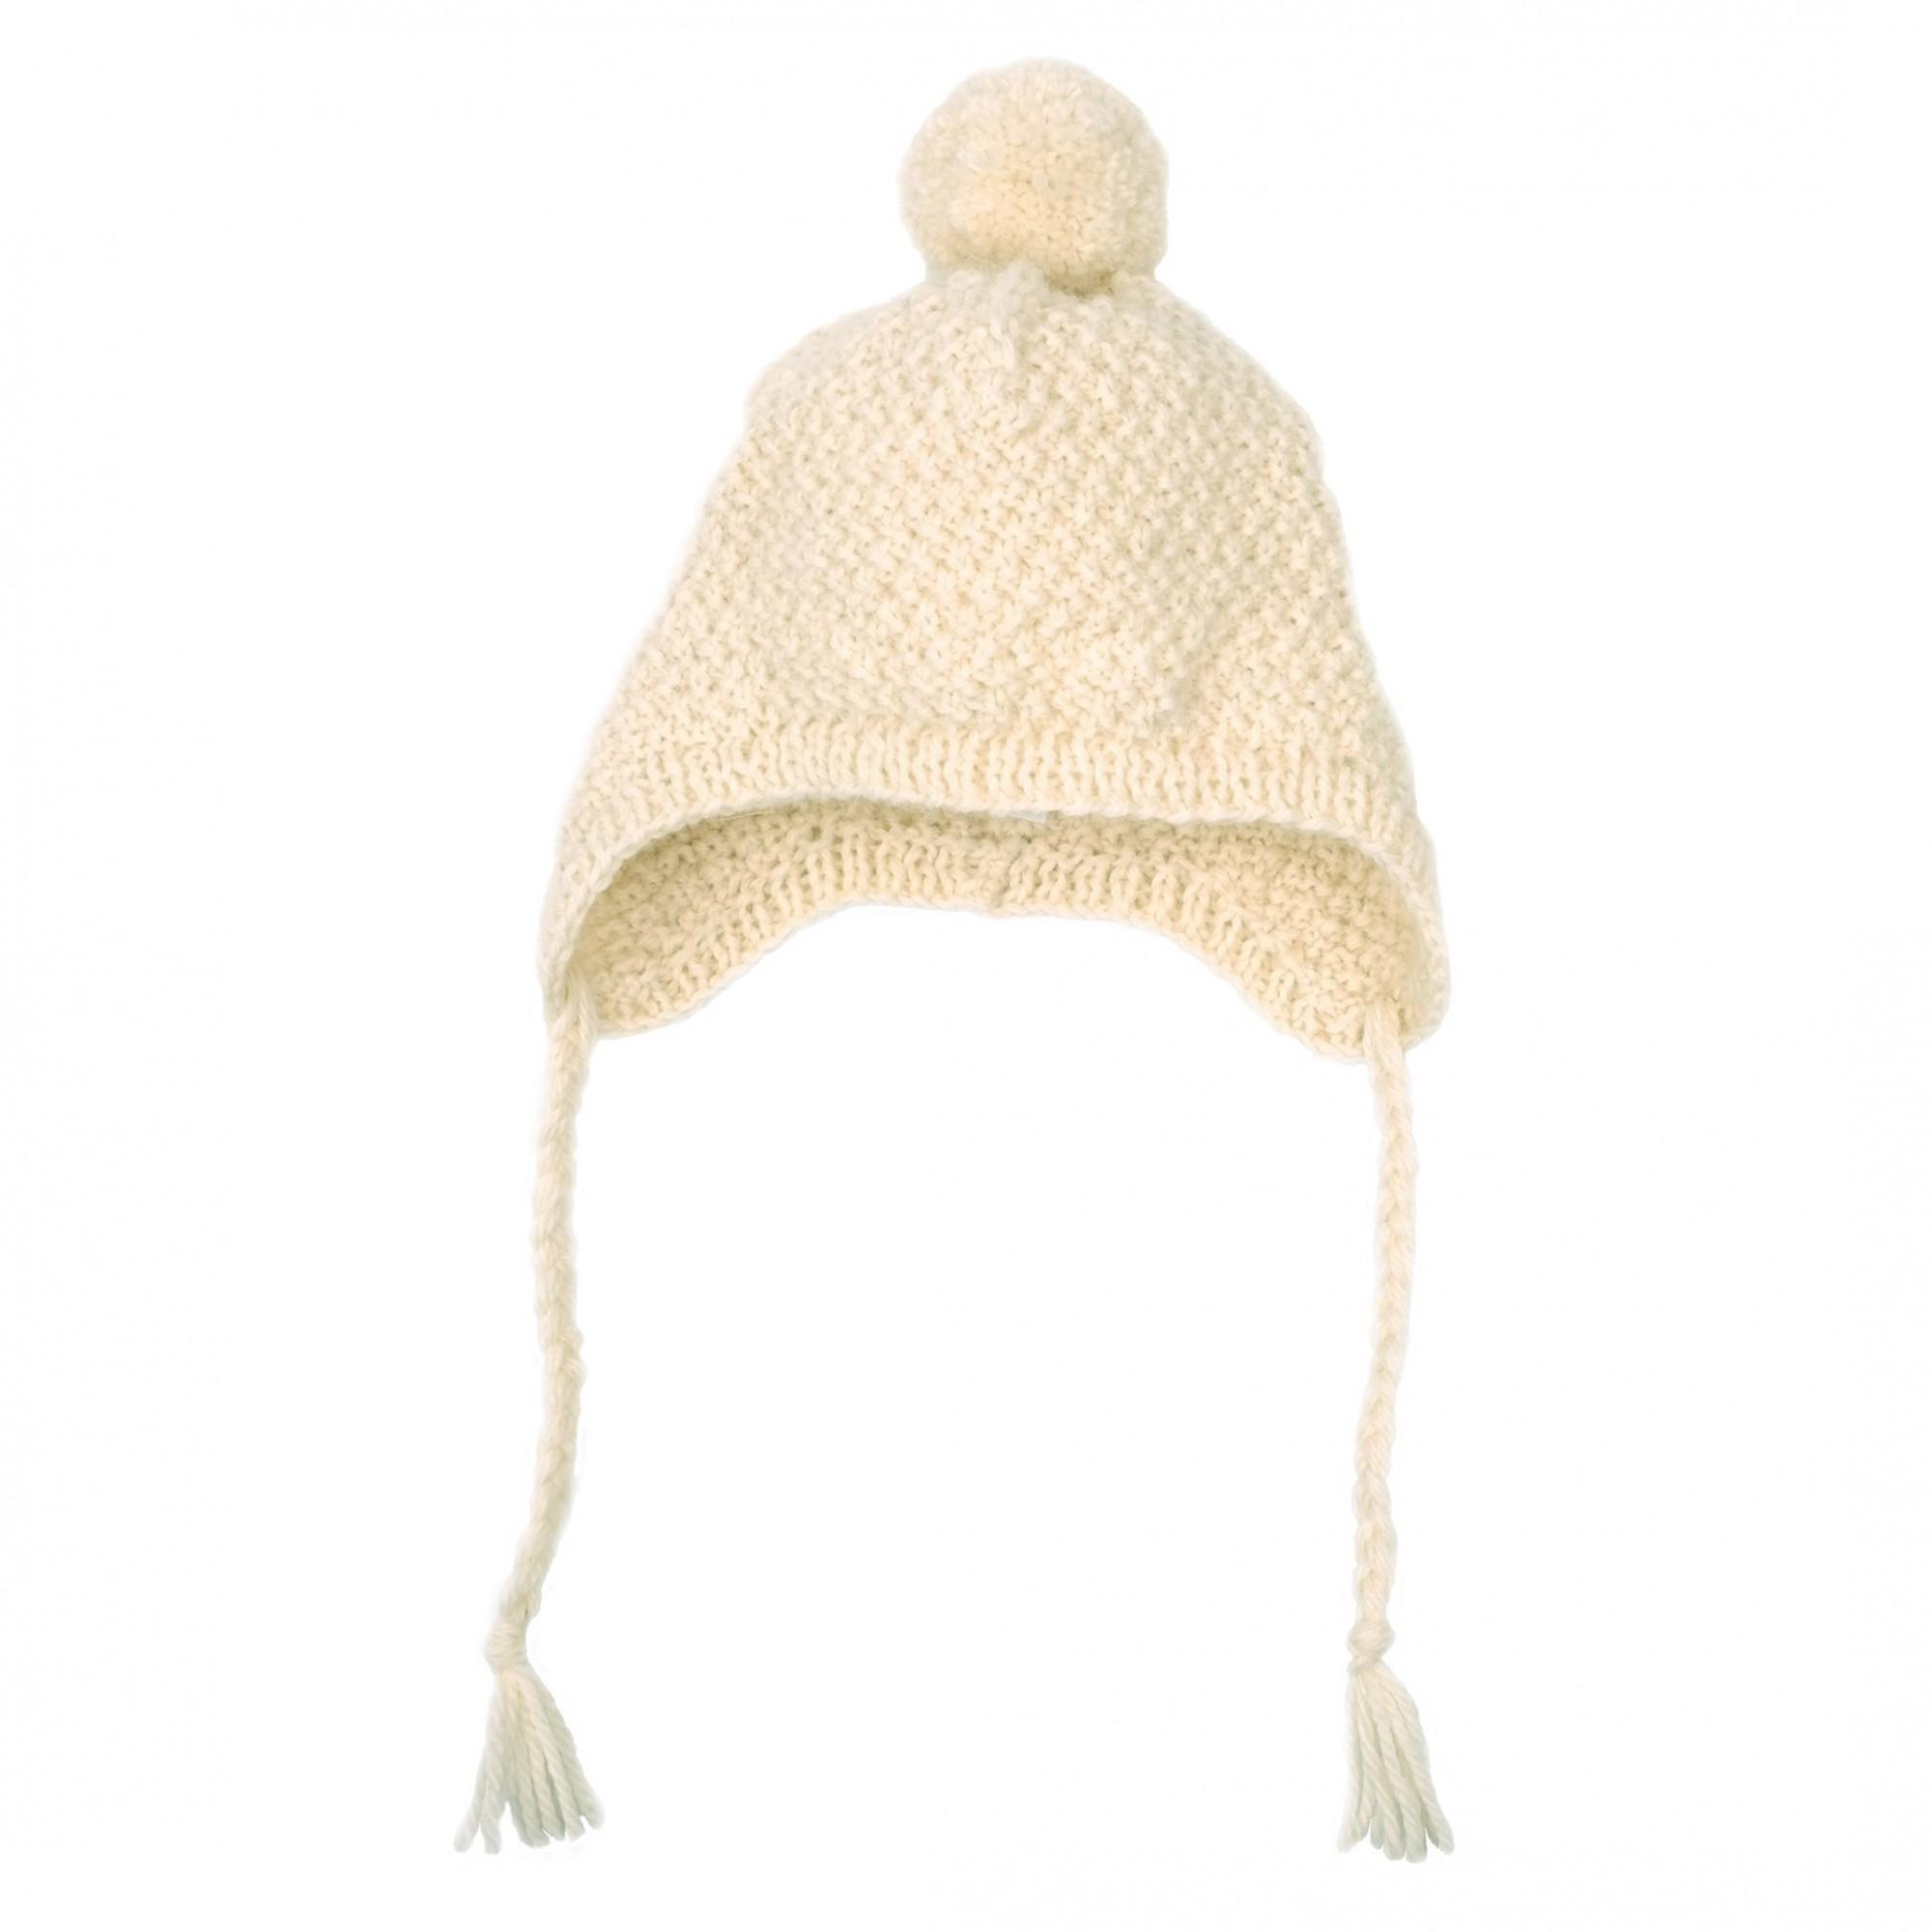 les tricots de mamy bonnet pour b b cru forme bonnet p ruvien tricot main au point de bl. Black Bedroom Furniture Sets. Home Design Ideas